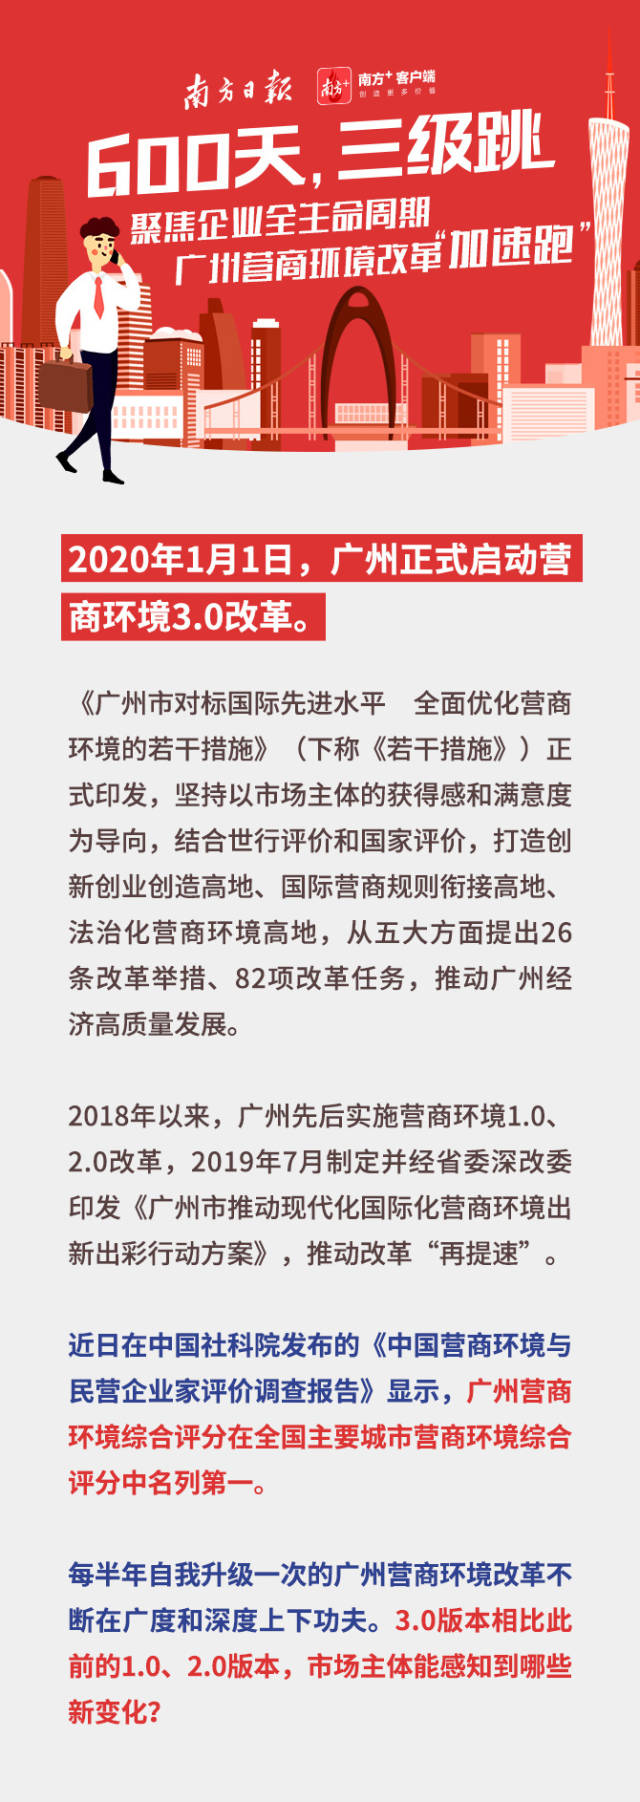 600天 三级跳!广州营商环境改革3.0启动